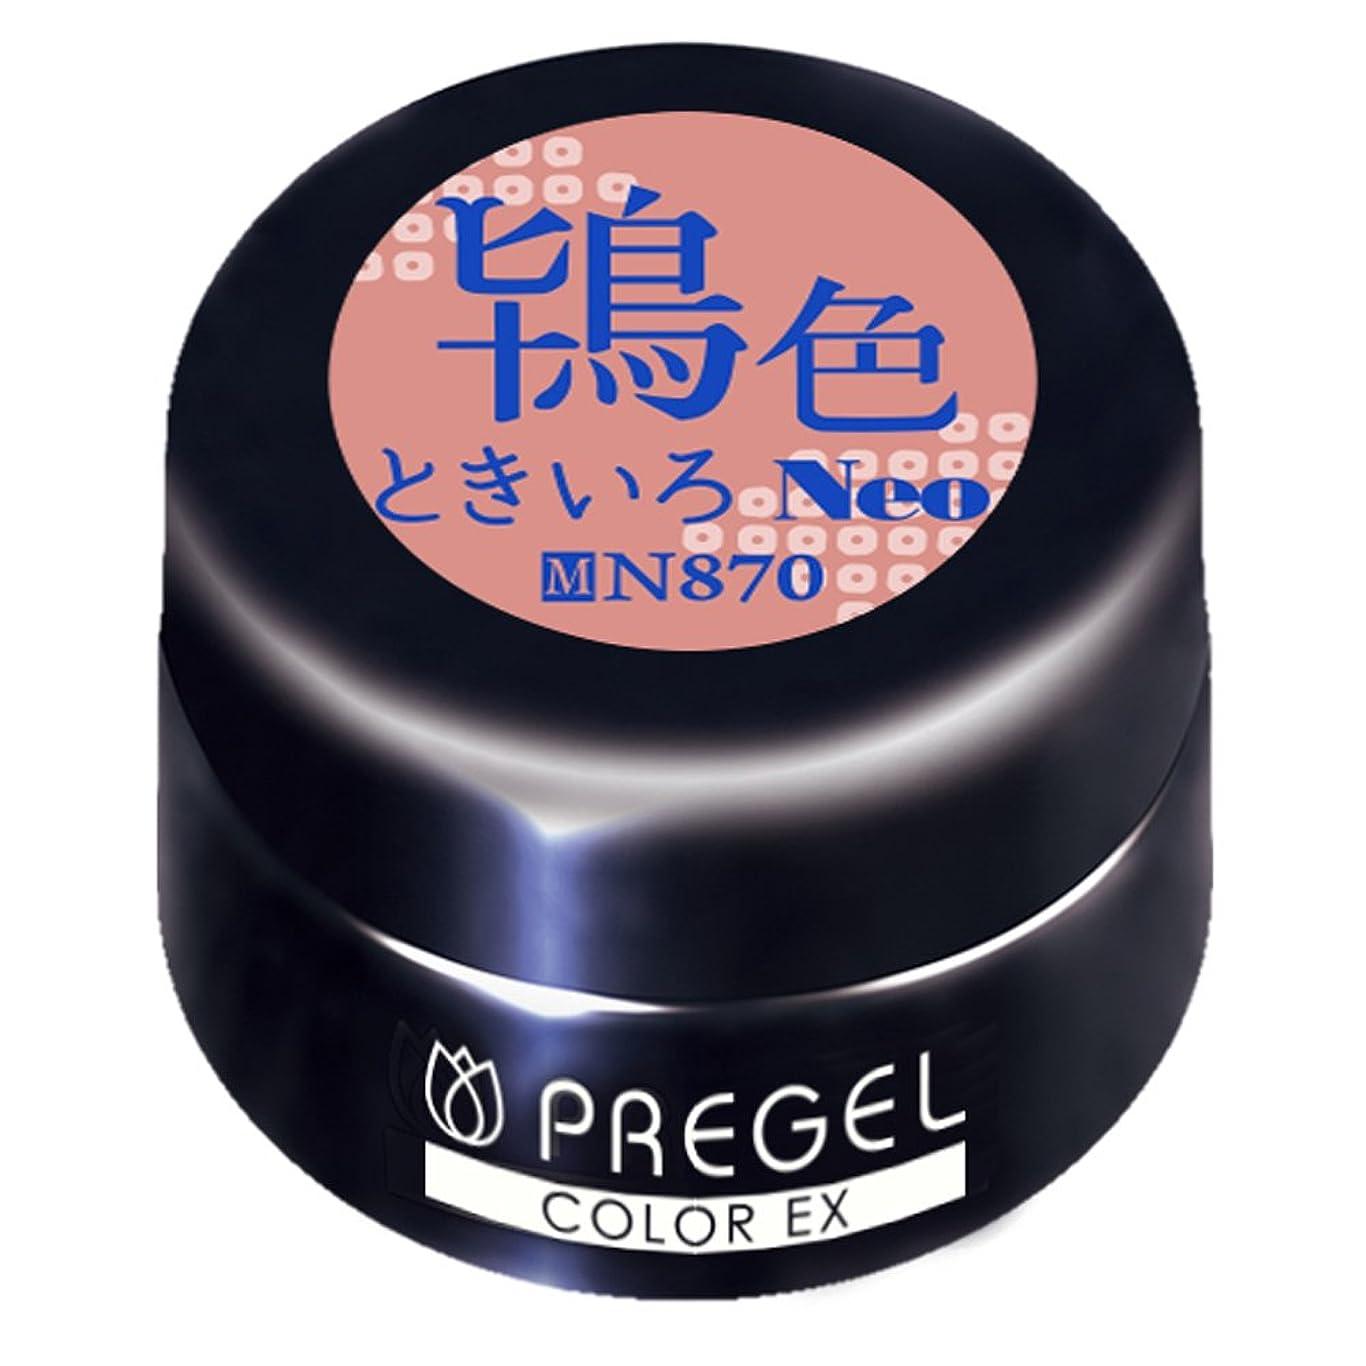 バリー流用する習熟度PRE GELカラーEX 鴇色(ときいろ)neo 3g PG-CEN870